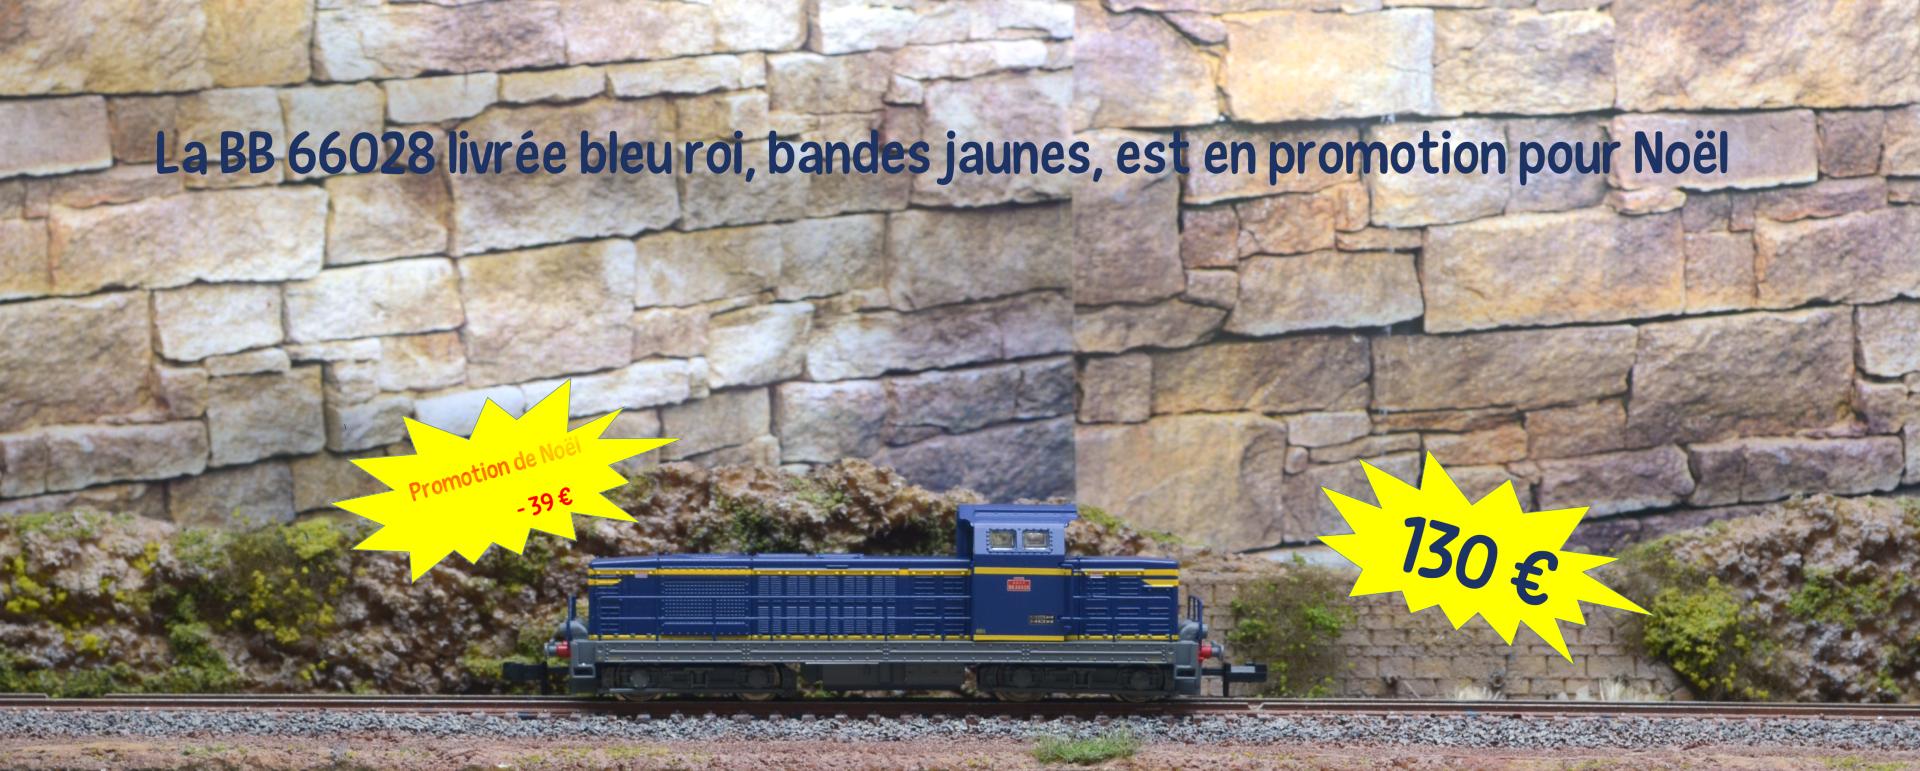 La BB 66028 livrée bleu roi, bandes jaunes, est en promotion pour Noël